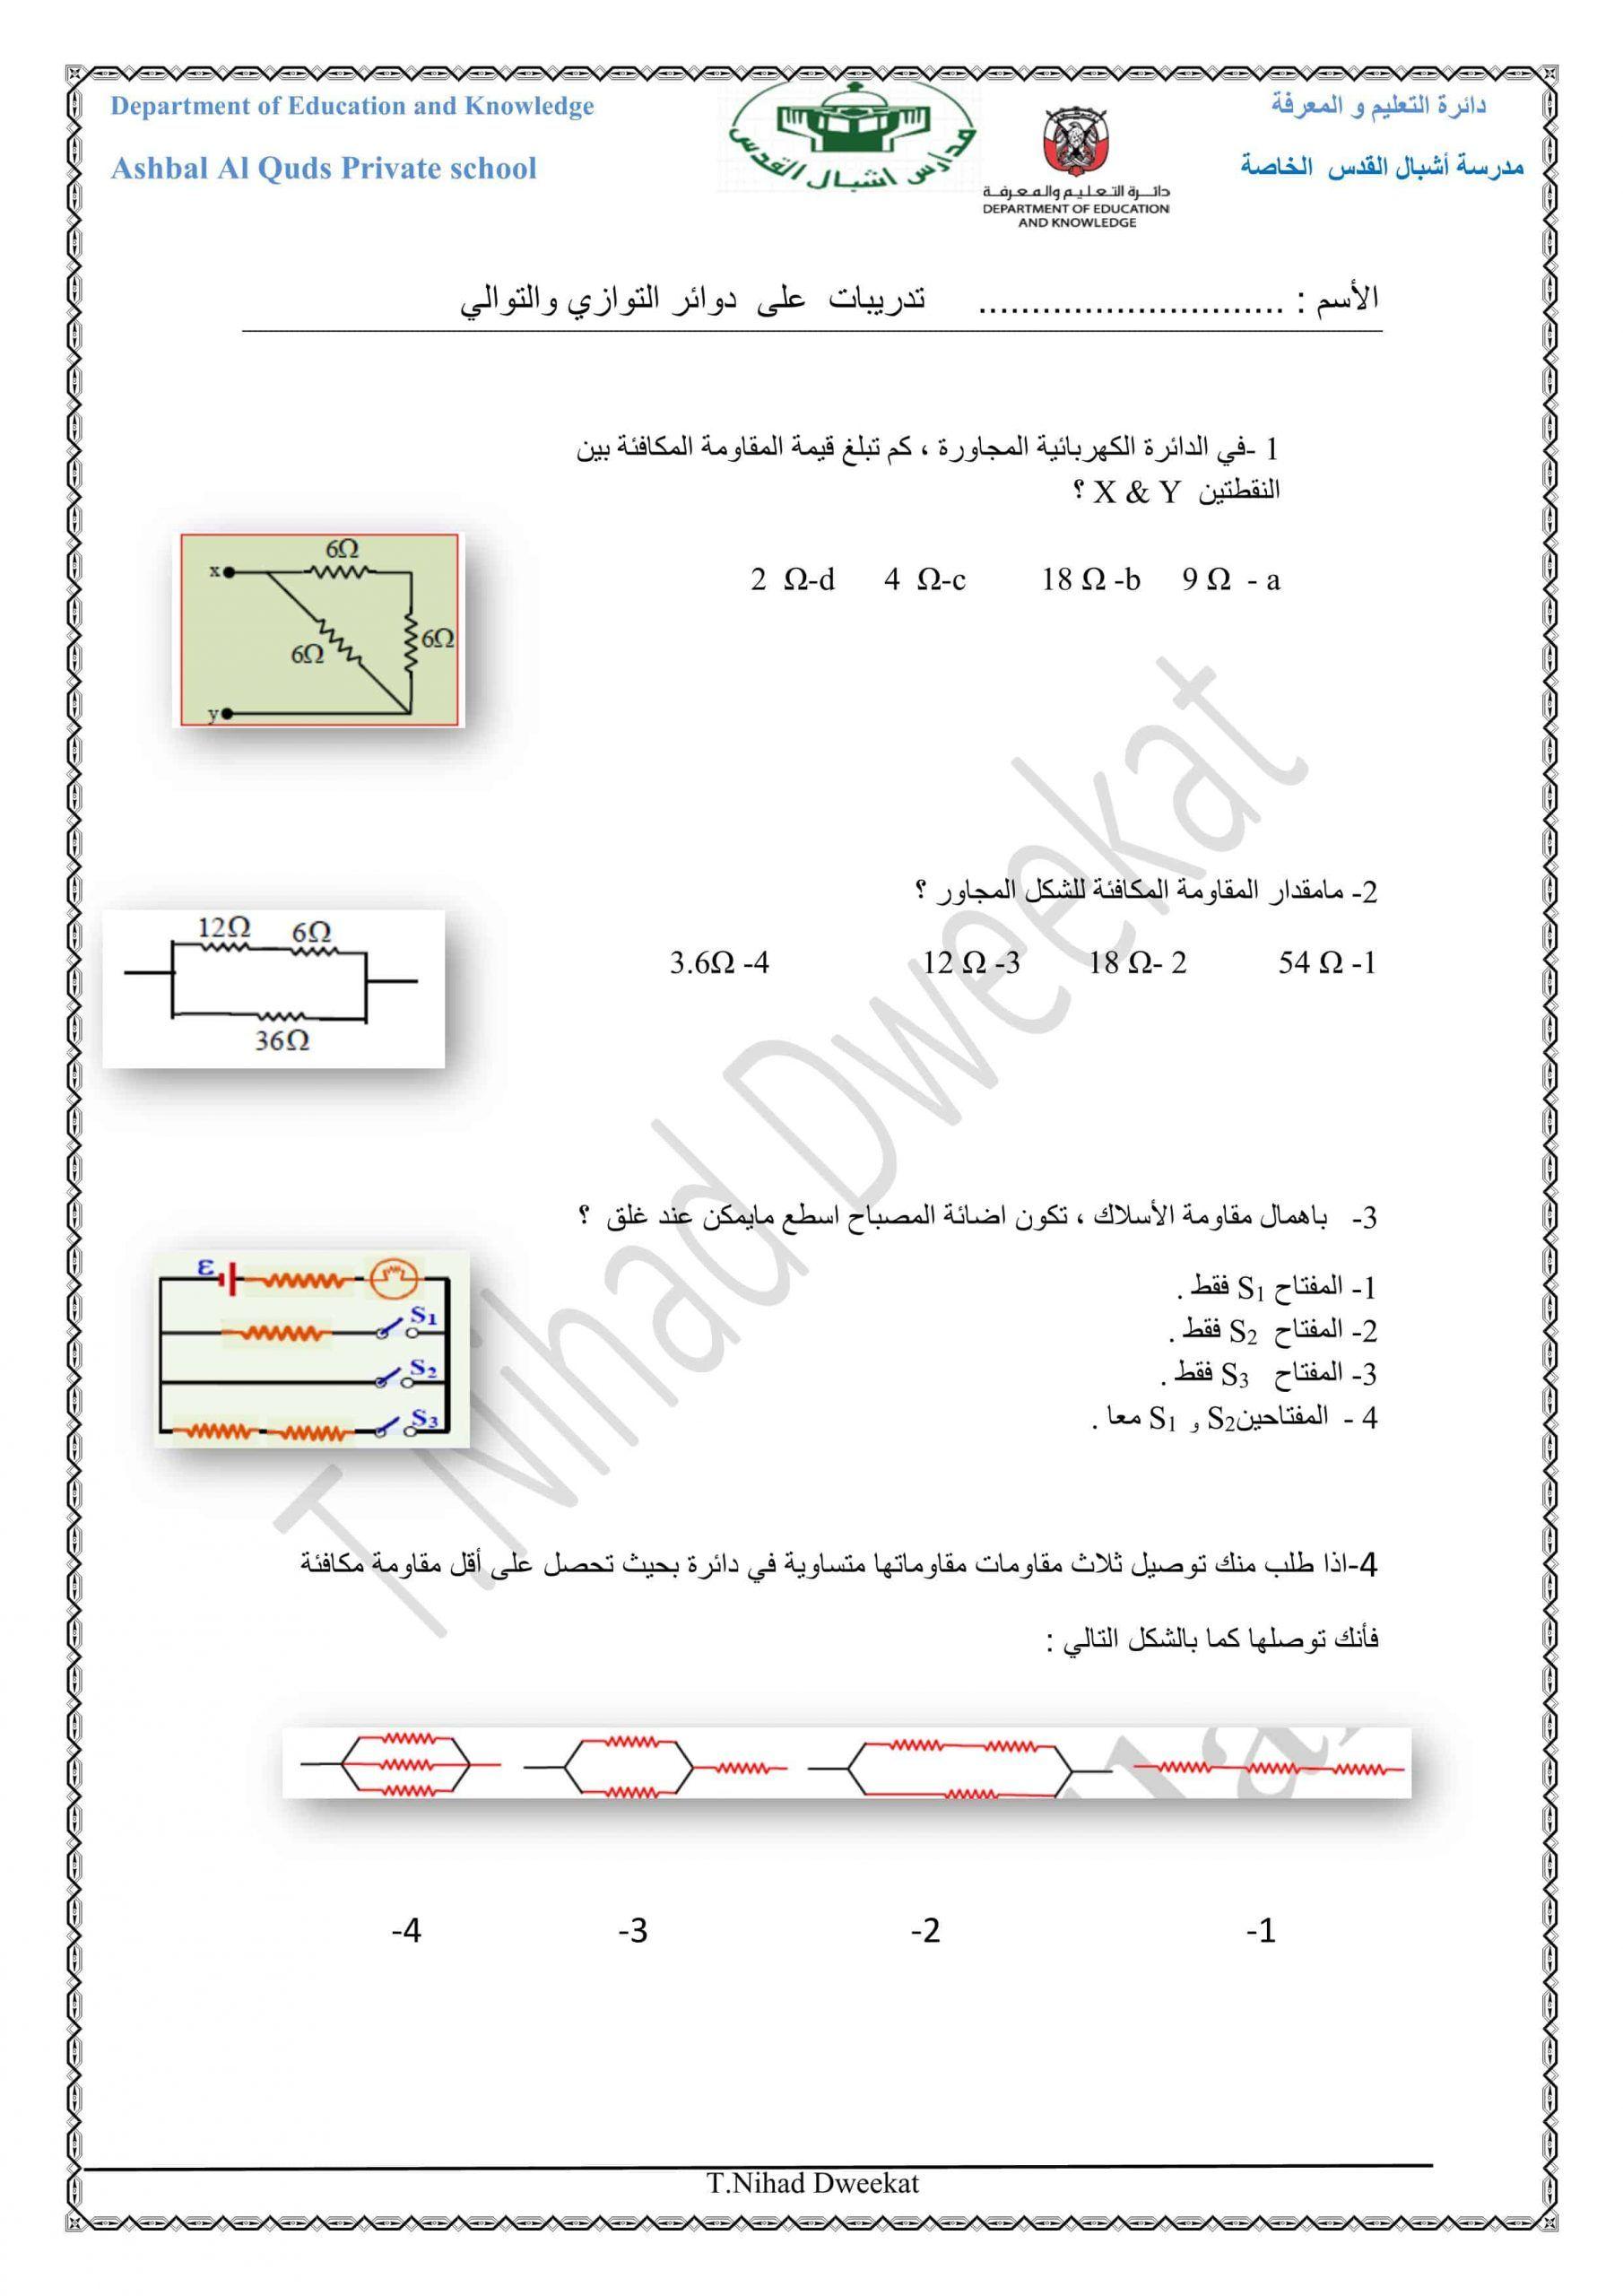 أوراق عمل دوائر التوازي والتوالي الصف الثاني عشر مادة الفيزياء In 2021 Private School School Education